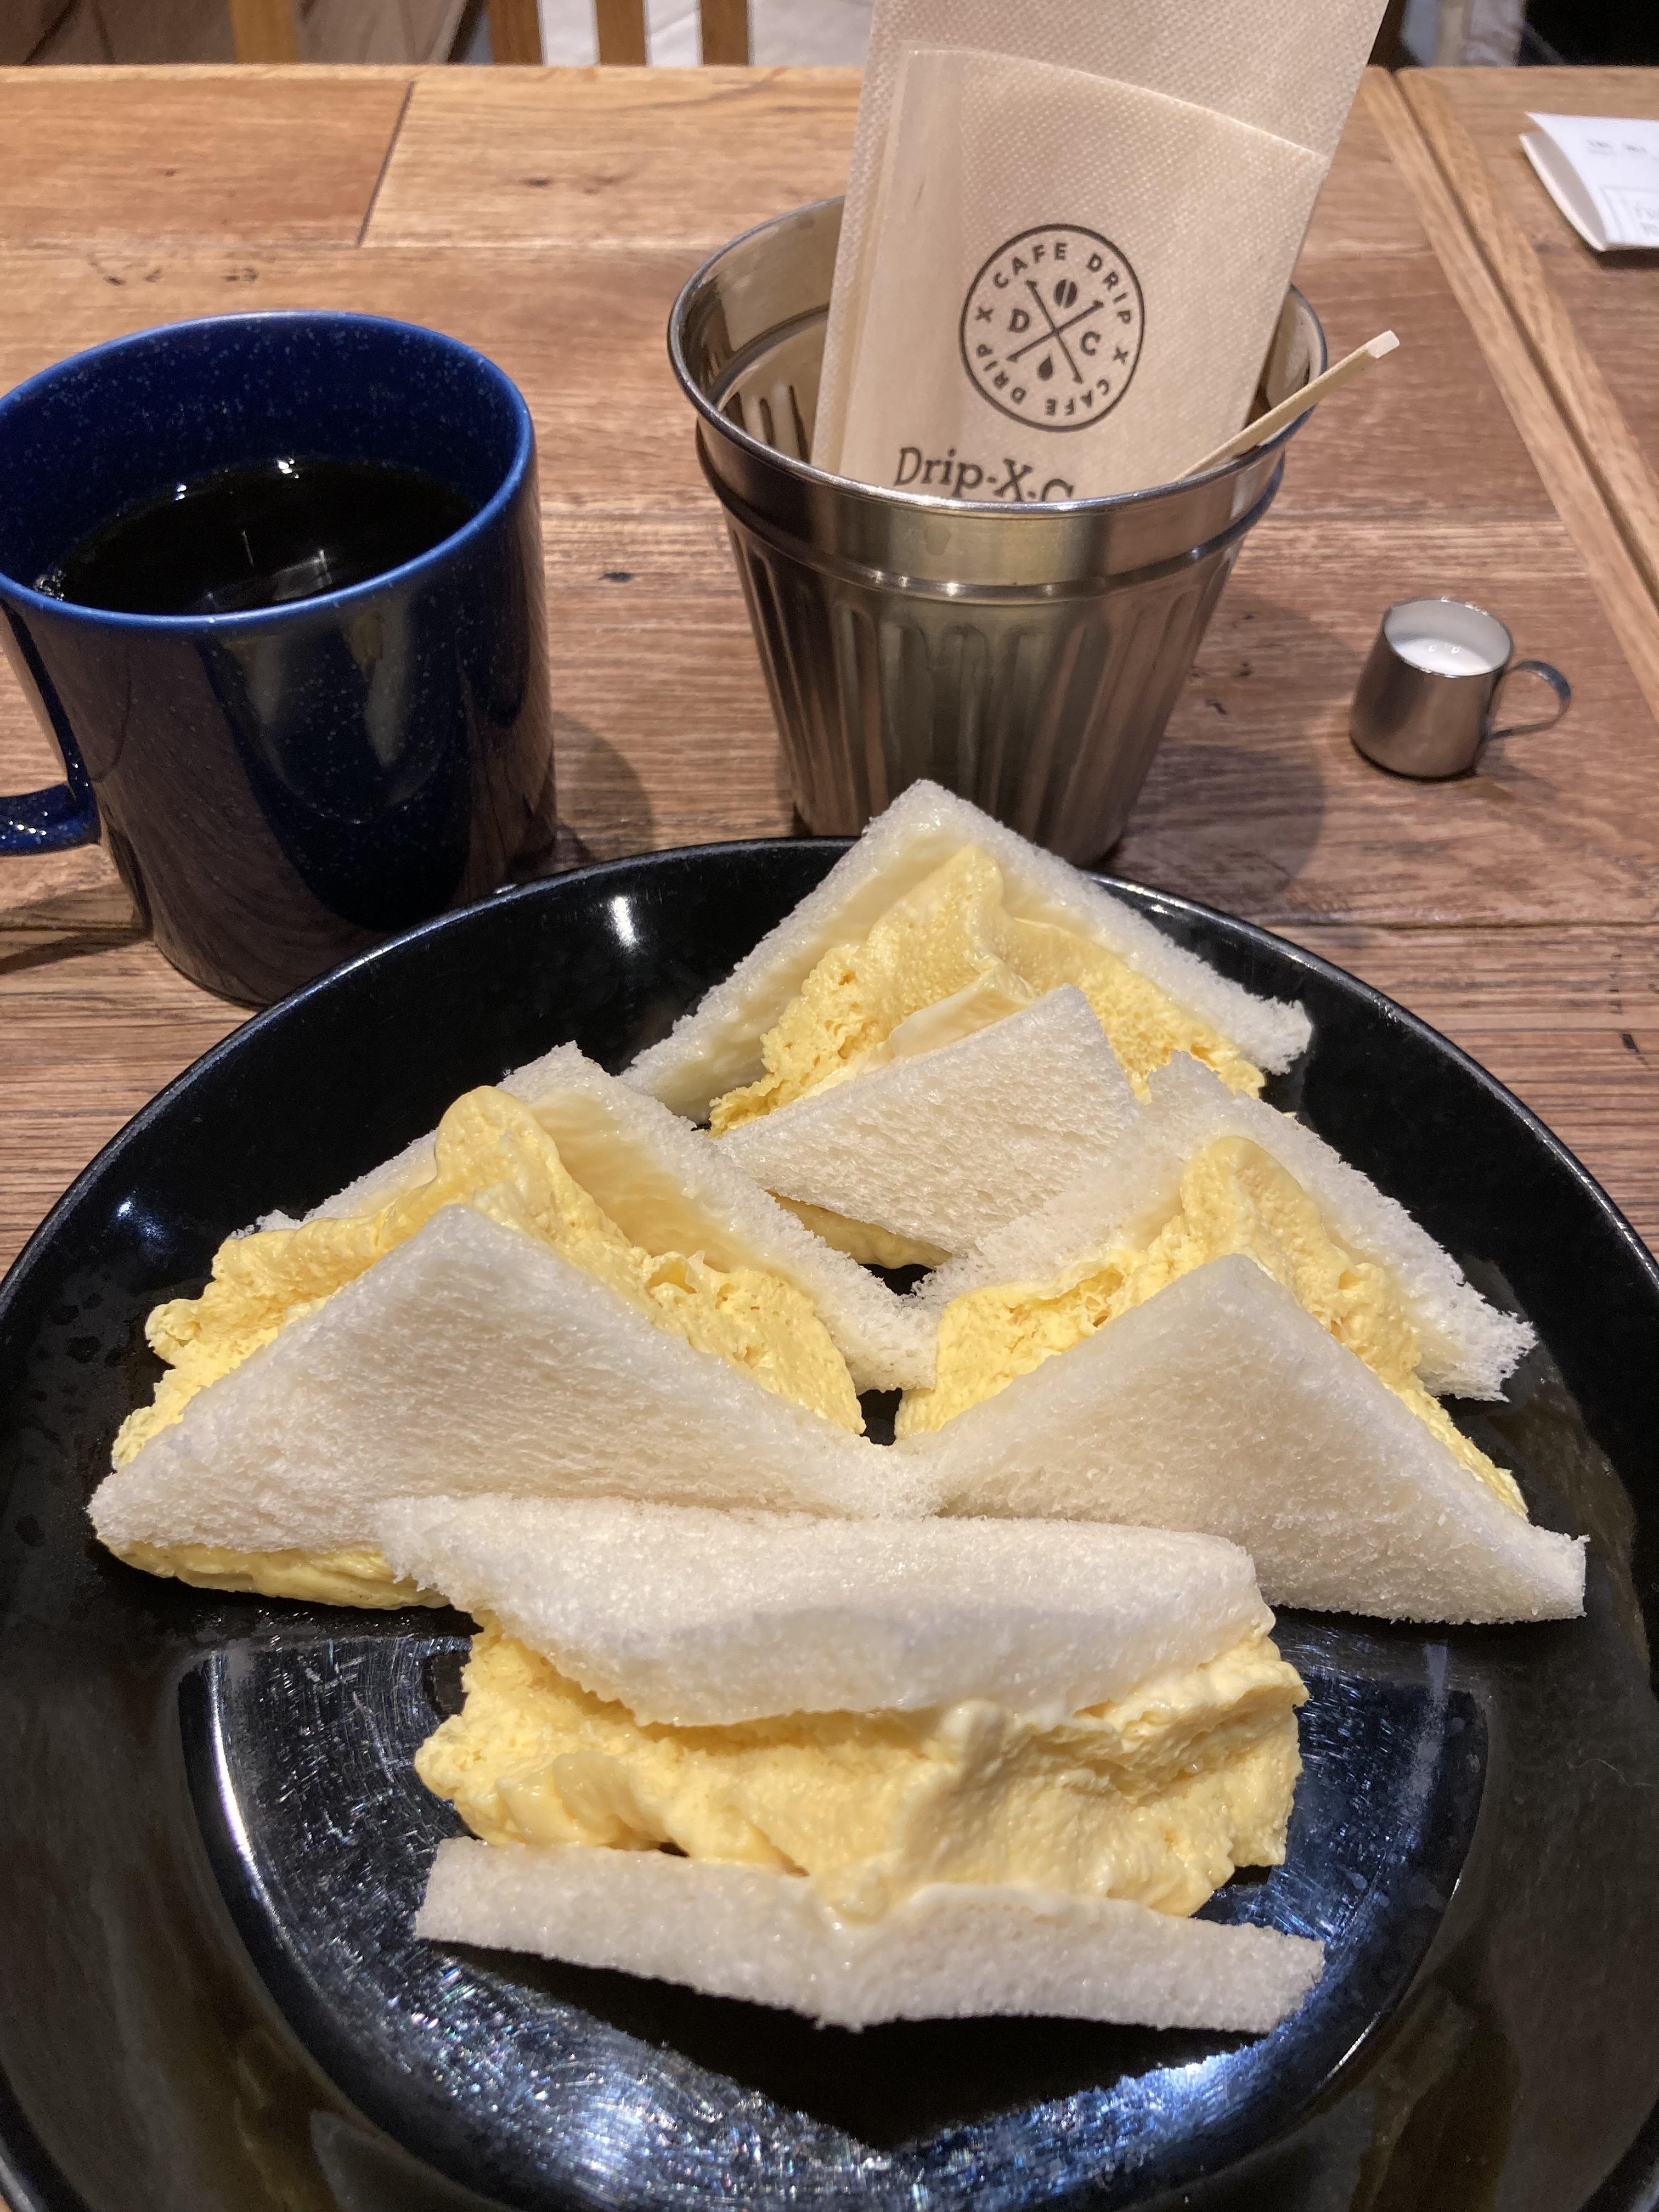 ブレンドコーヒーと玉子サンド@新大阪駅 drip-x-cafe